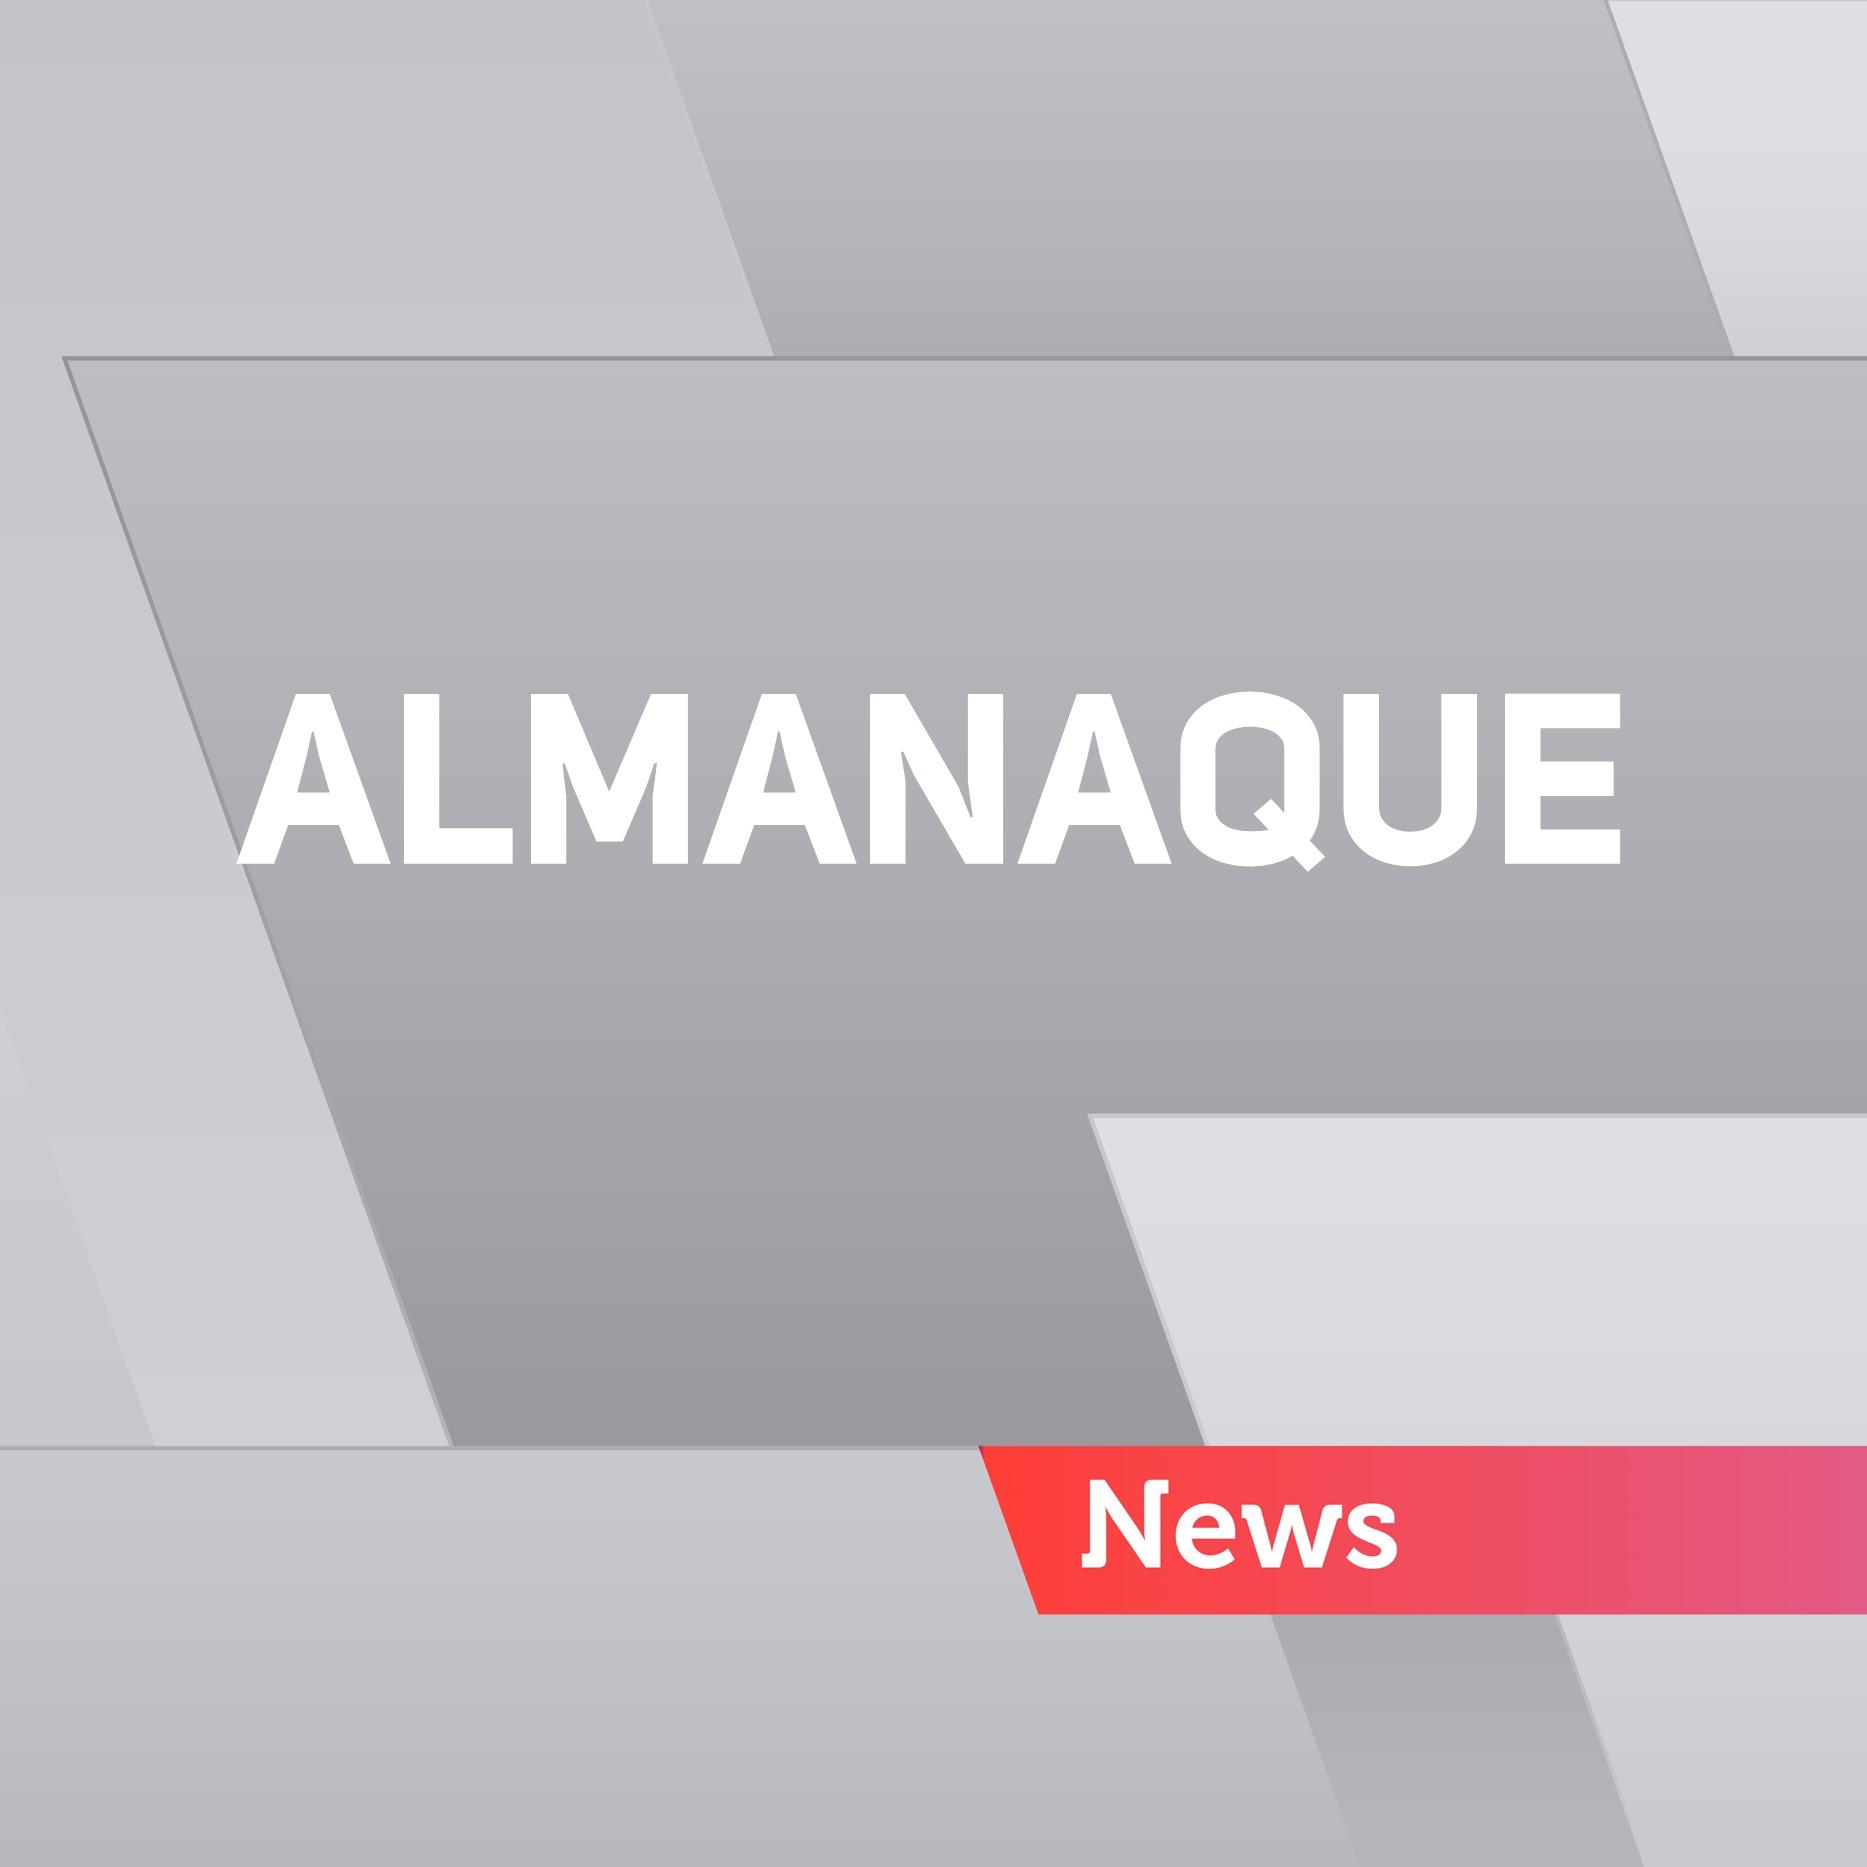 Almanaque Gaúcha Hoje: o 01/12 na história